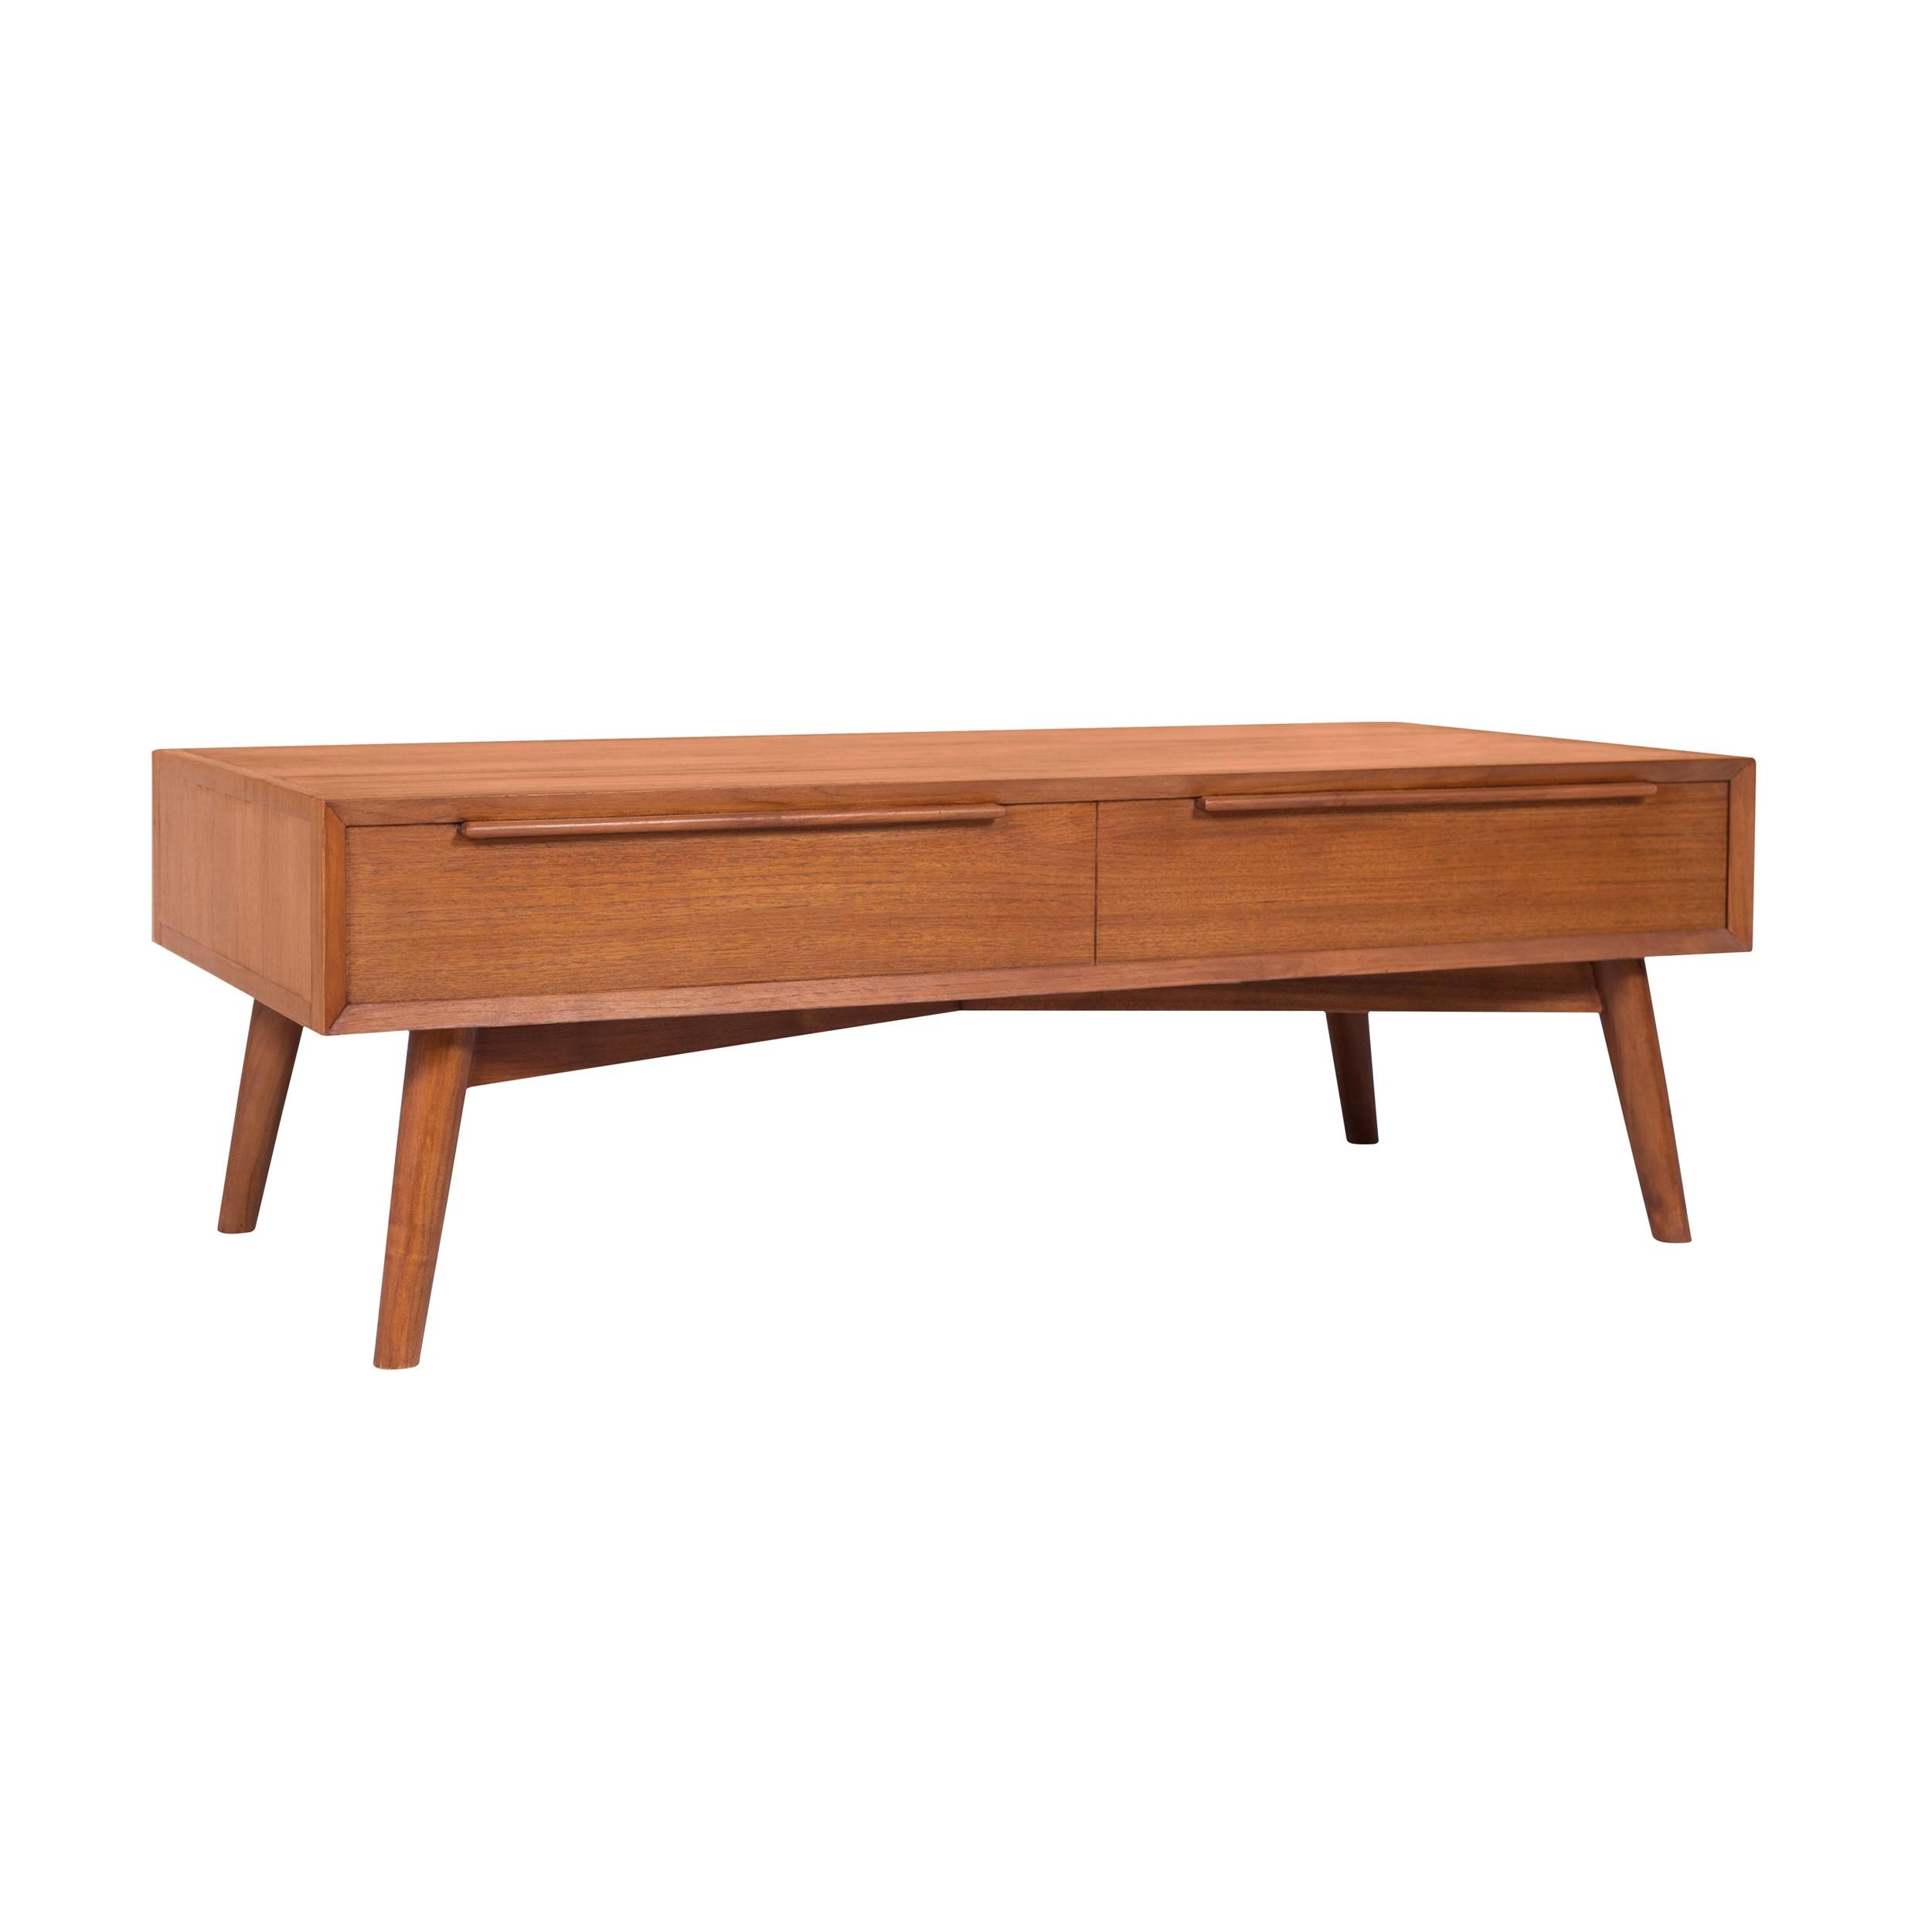 table basse waya 2 tiroirs en teck